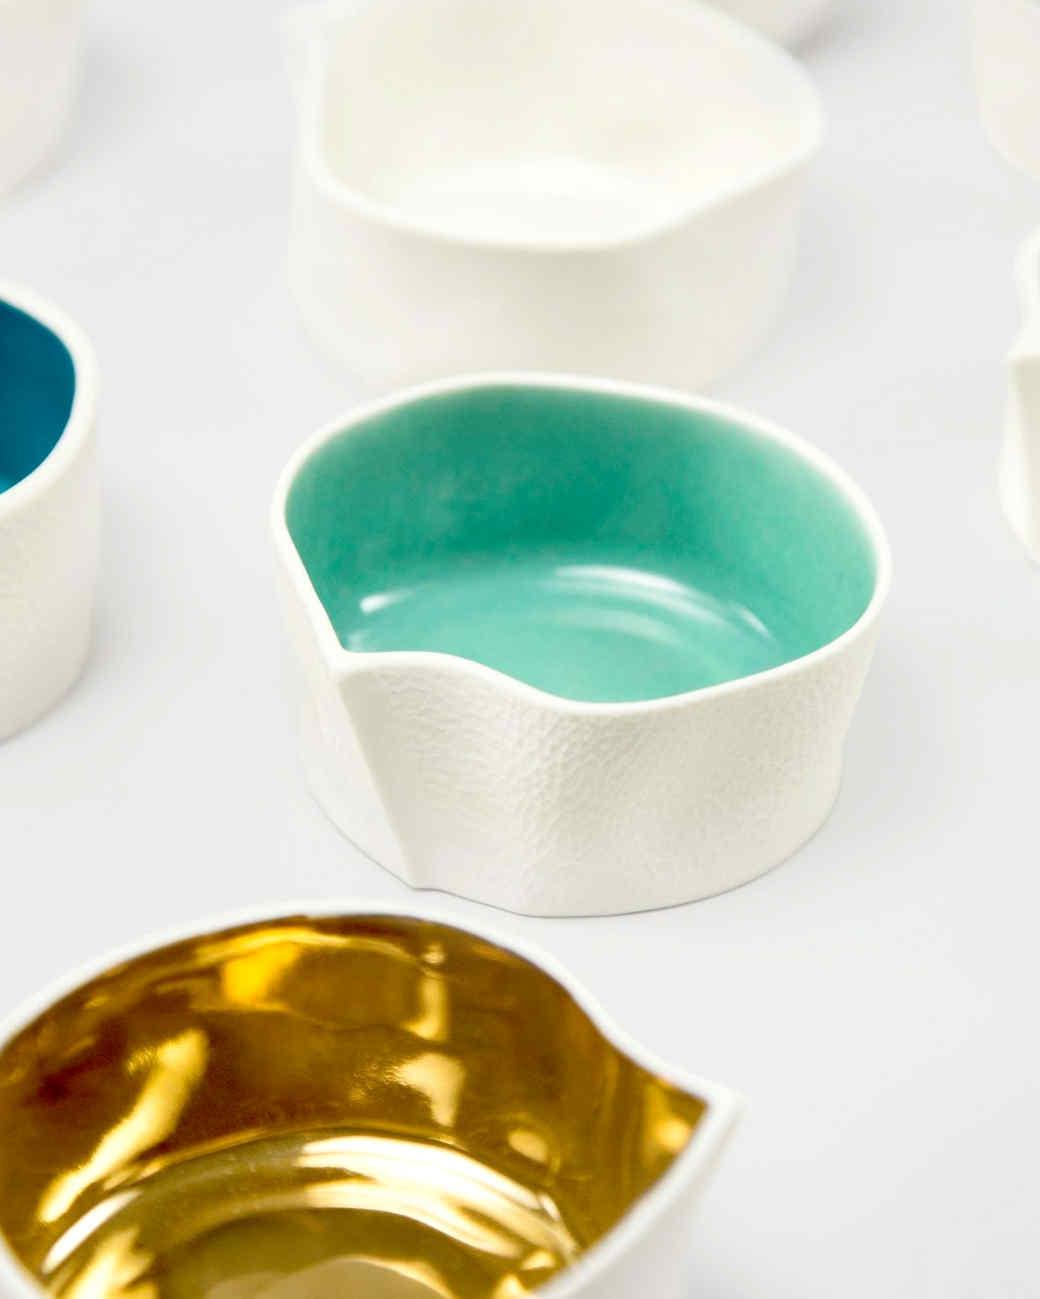 souda-kawa-dish-leather-cast-ceramics-1014.jpg